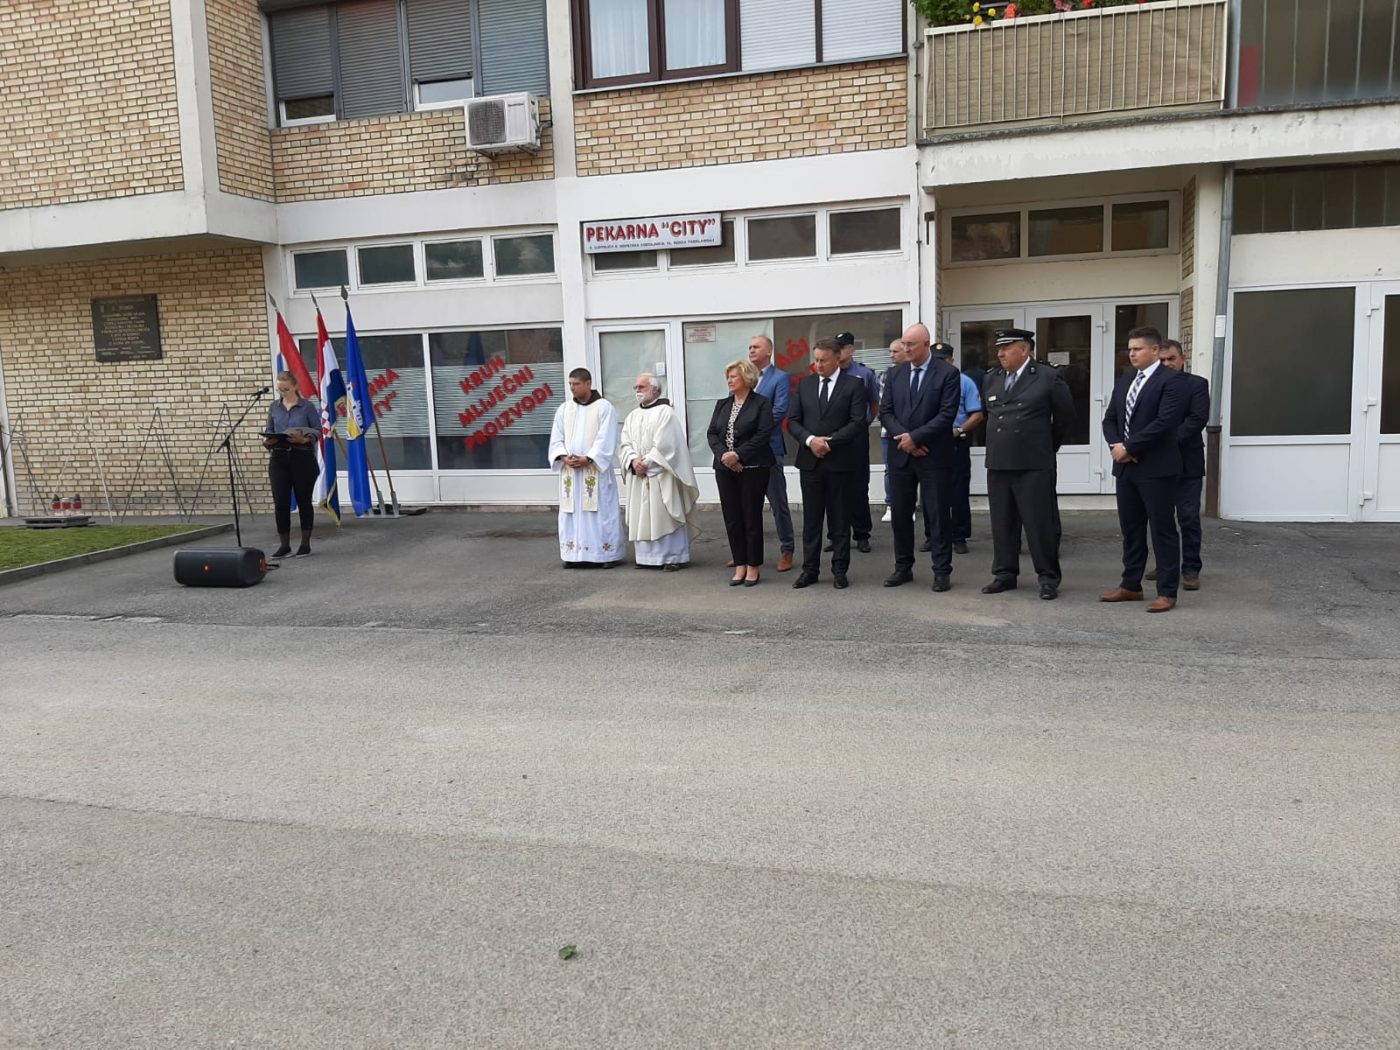 Obilježavanje 28. obljetnice proboja iz opkoljene Hrvatske Kostajnice